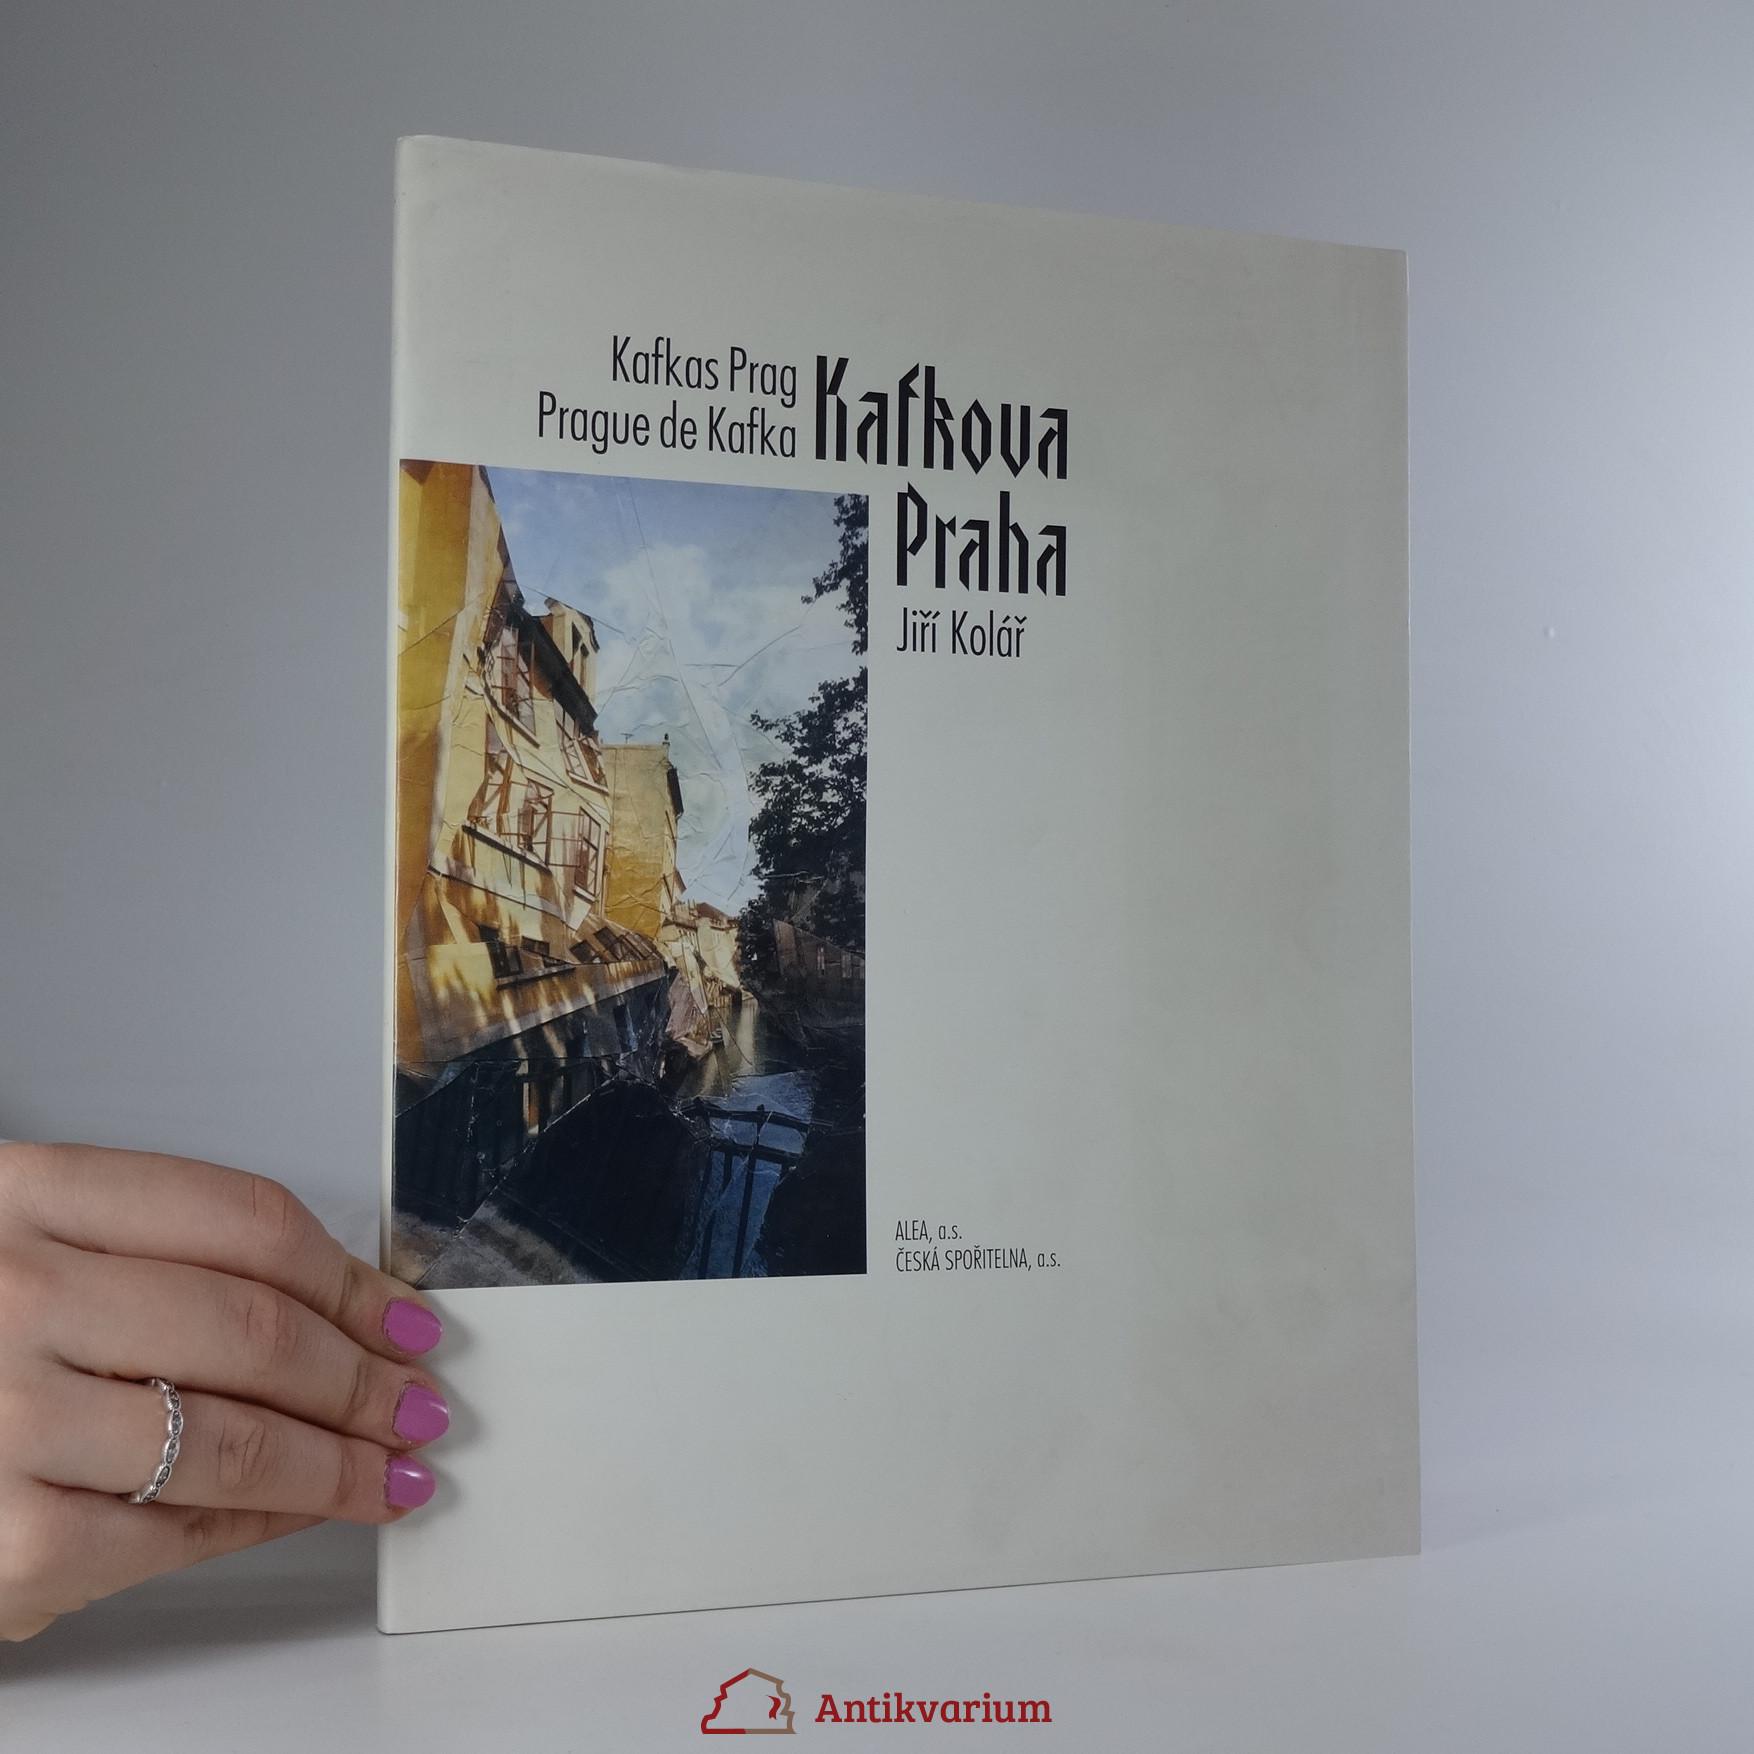 antikvární kniha Kafkova Praha. Kafkas Prag. Prague de Kafka., 1994